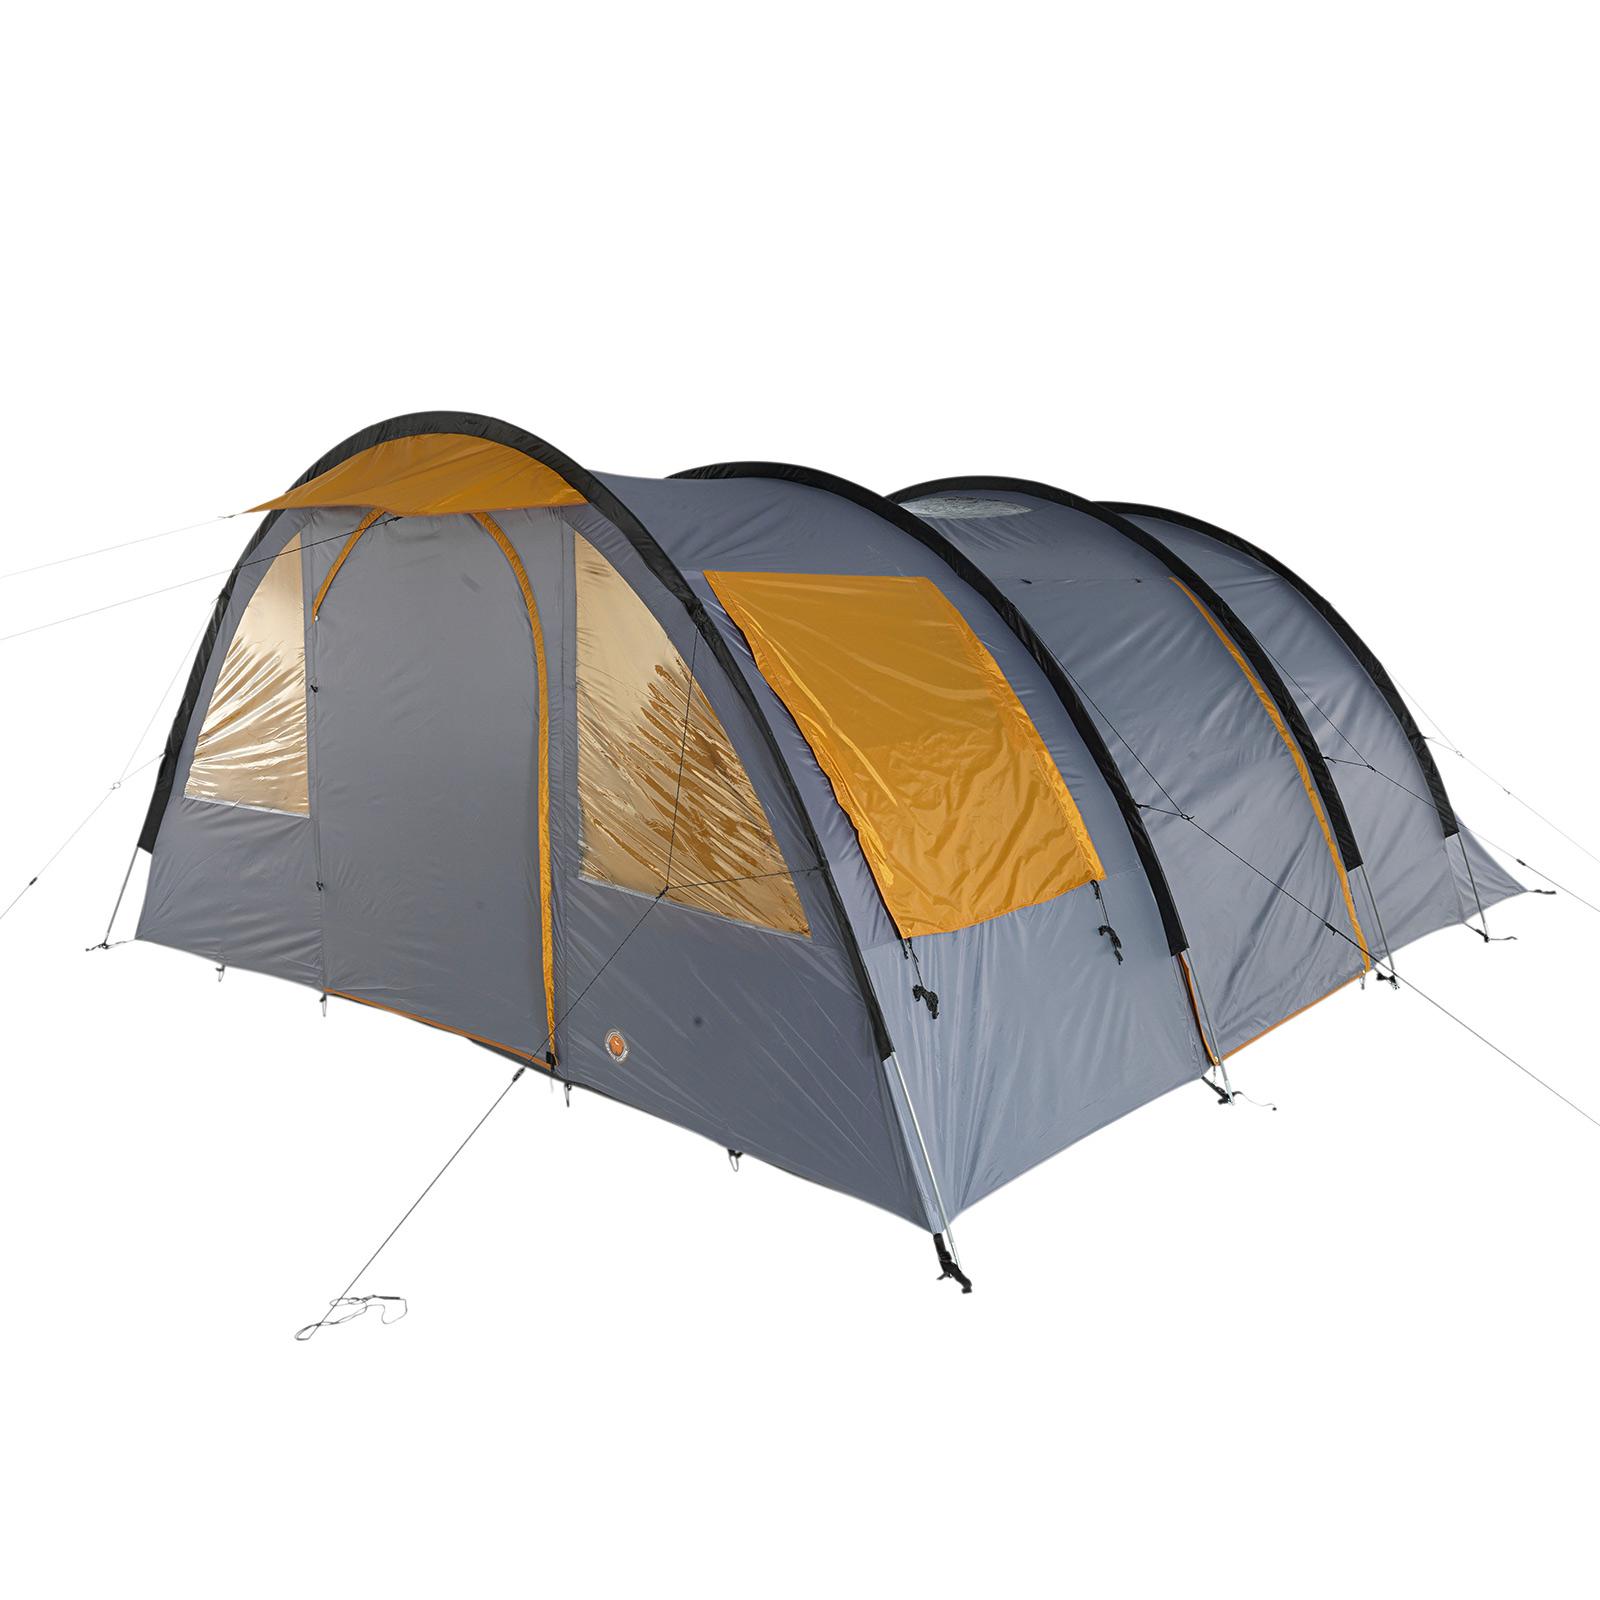 familienzelt grand canyon parks 6 personen zelt camping. Black Bedroom Furniture Sets. Home Design Ideas